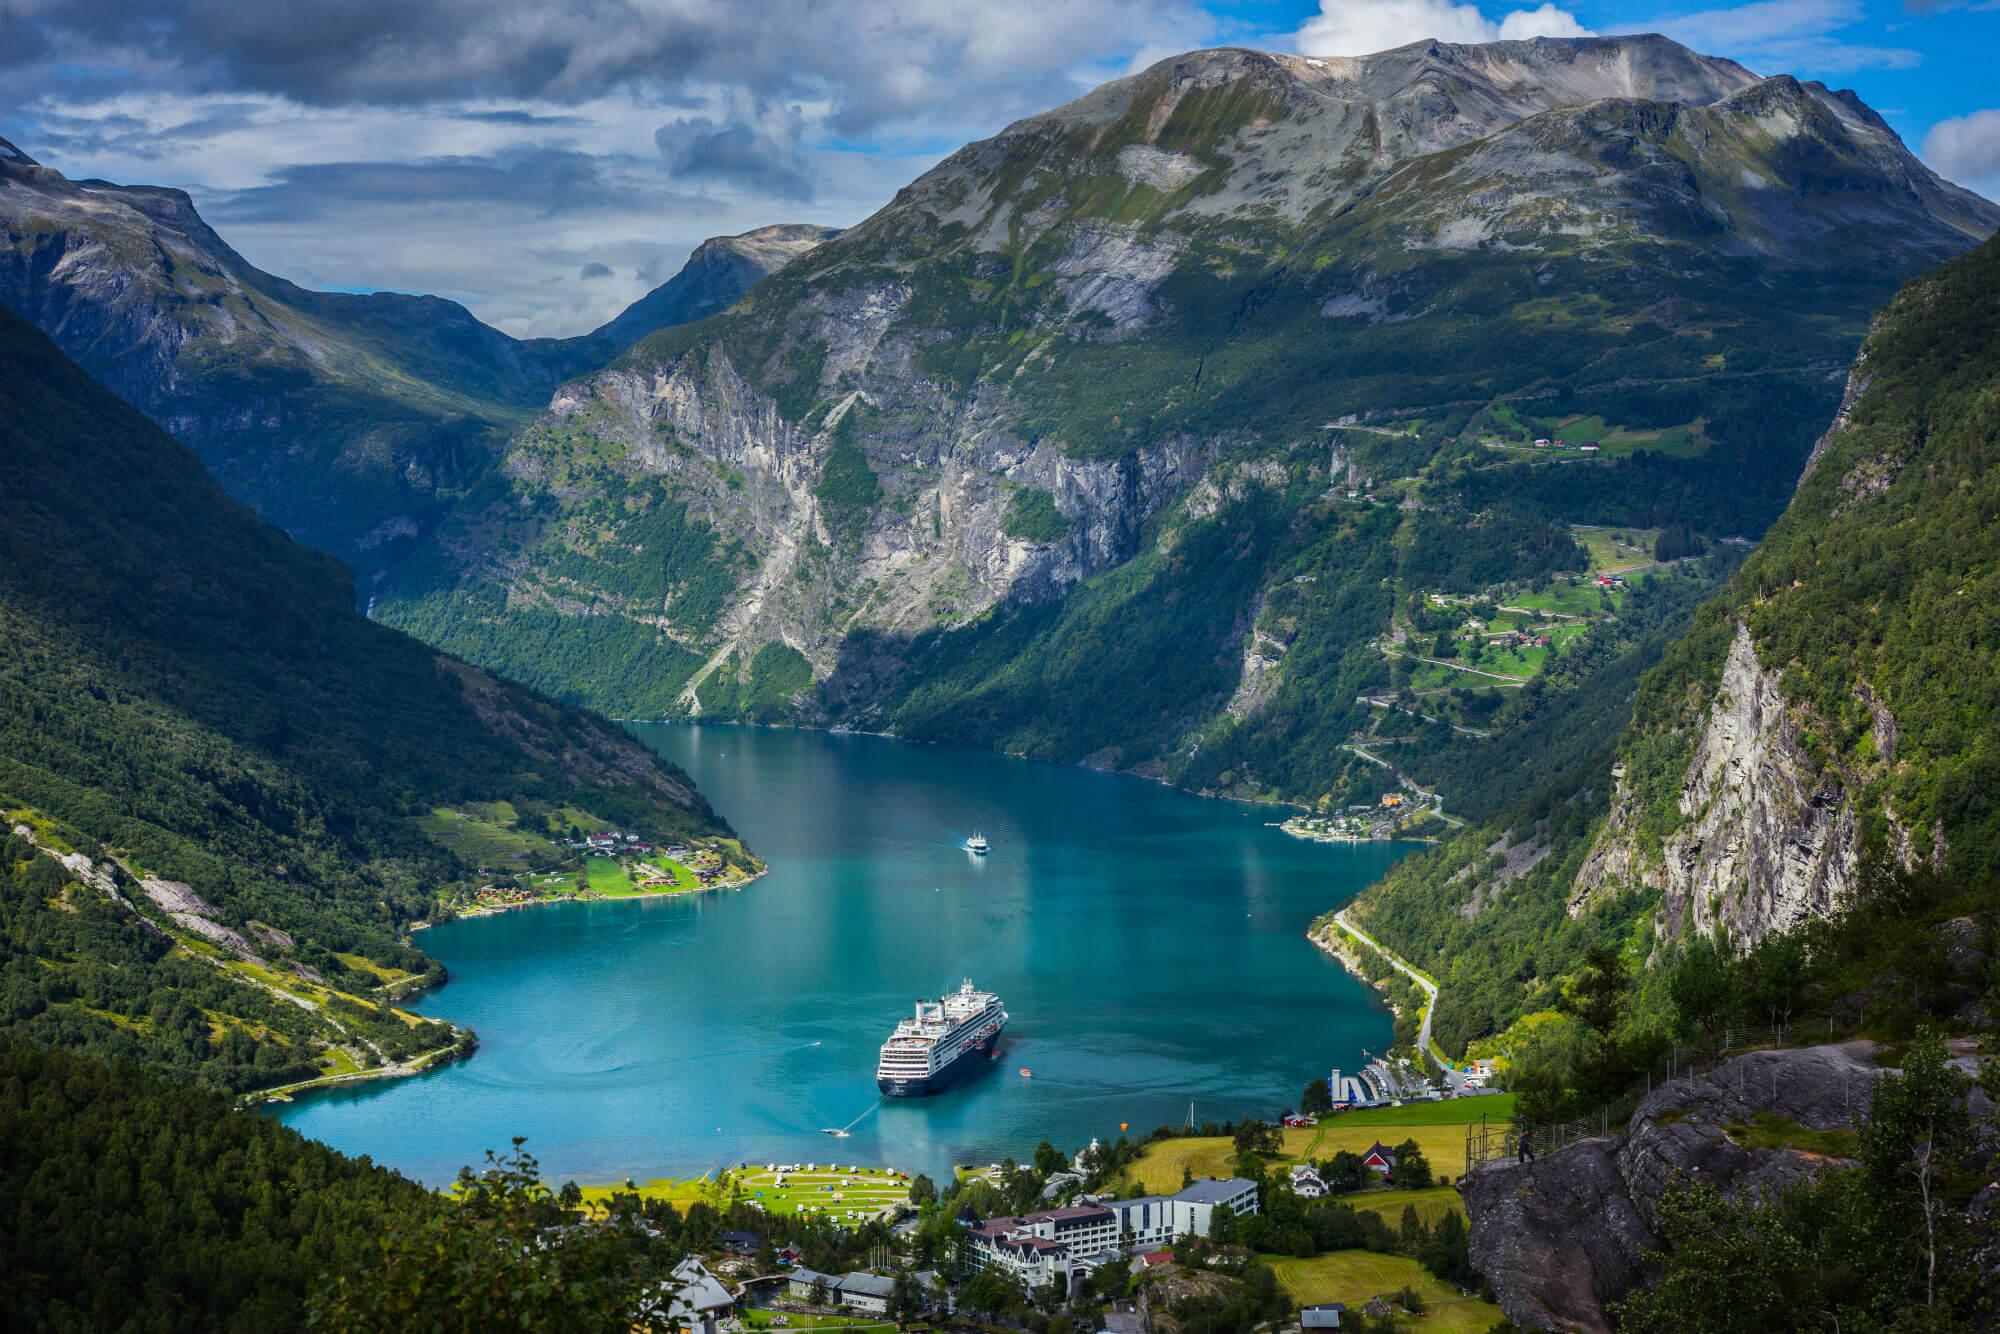 homo norwegian kontakt norge telefonnummer